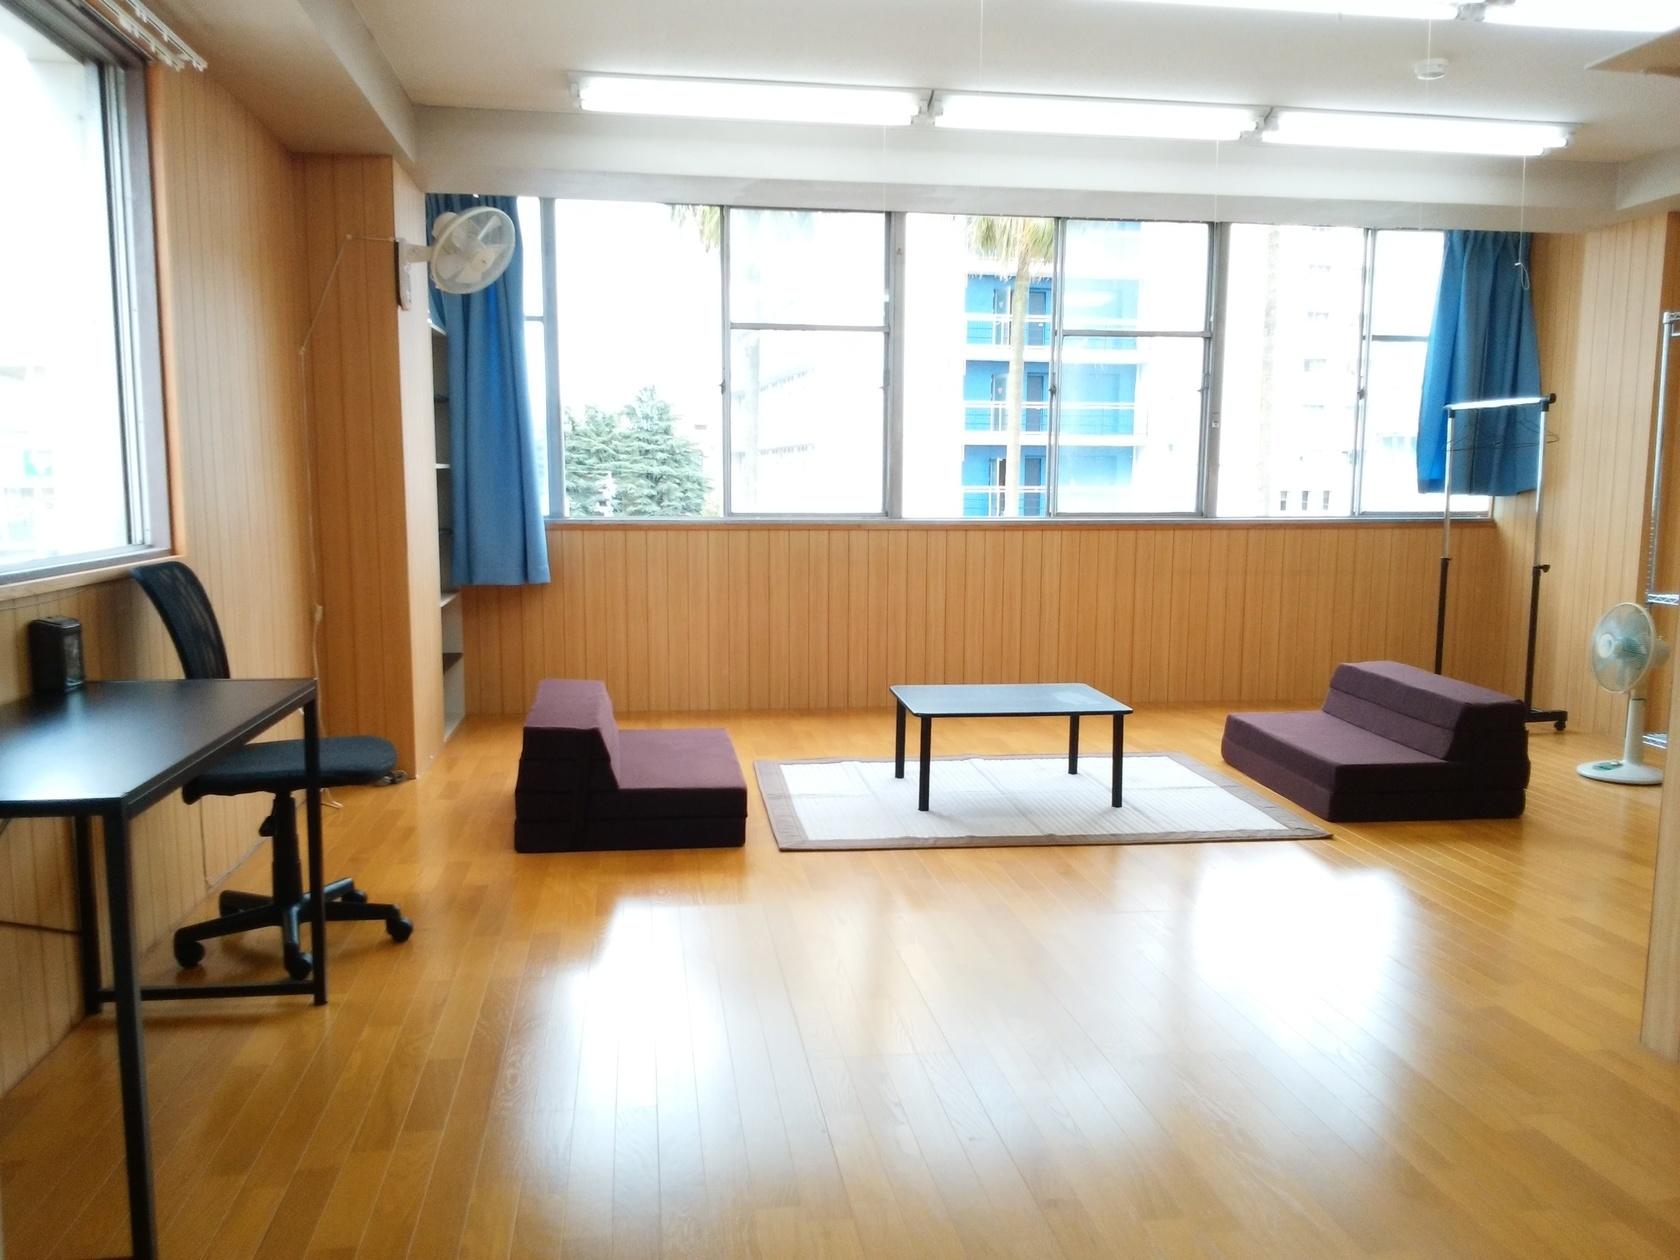 古い雑居ビルの空き部屋(【宮崎市中心部】 古い雑居ビル) の写真0